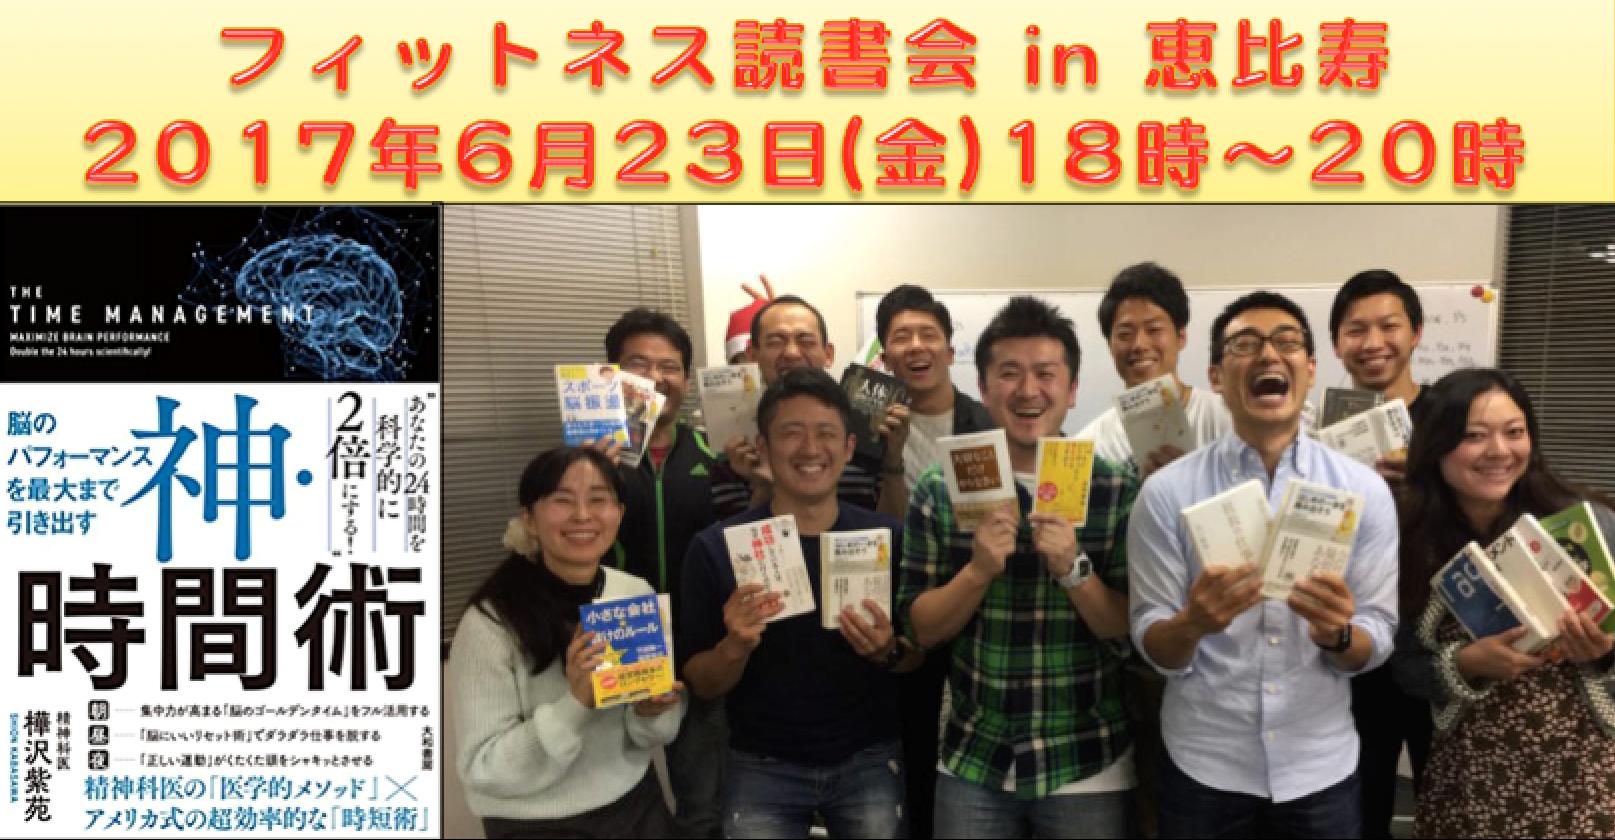 【6月23日(金)18時〜20時】フィットネス読書会を開催します!